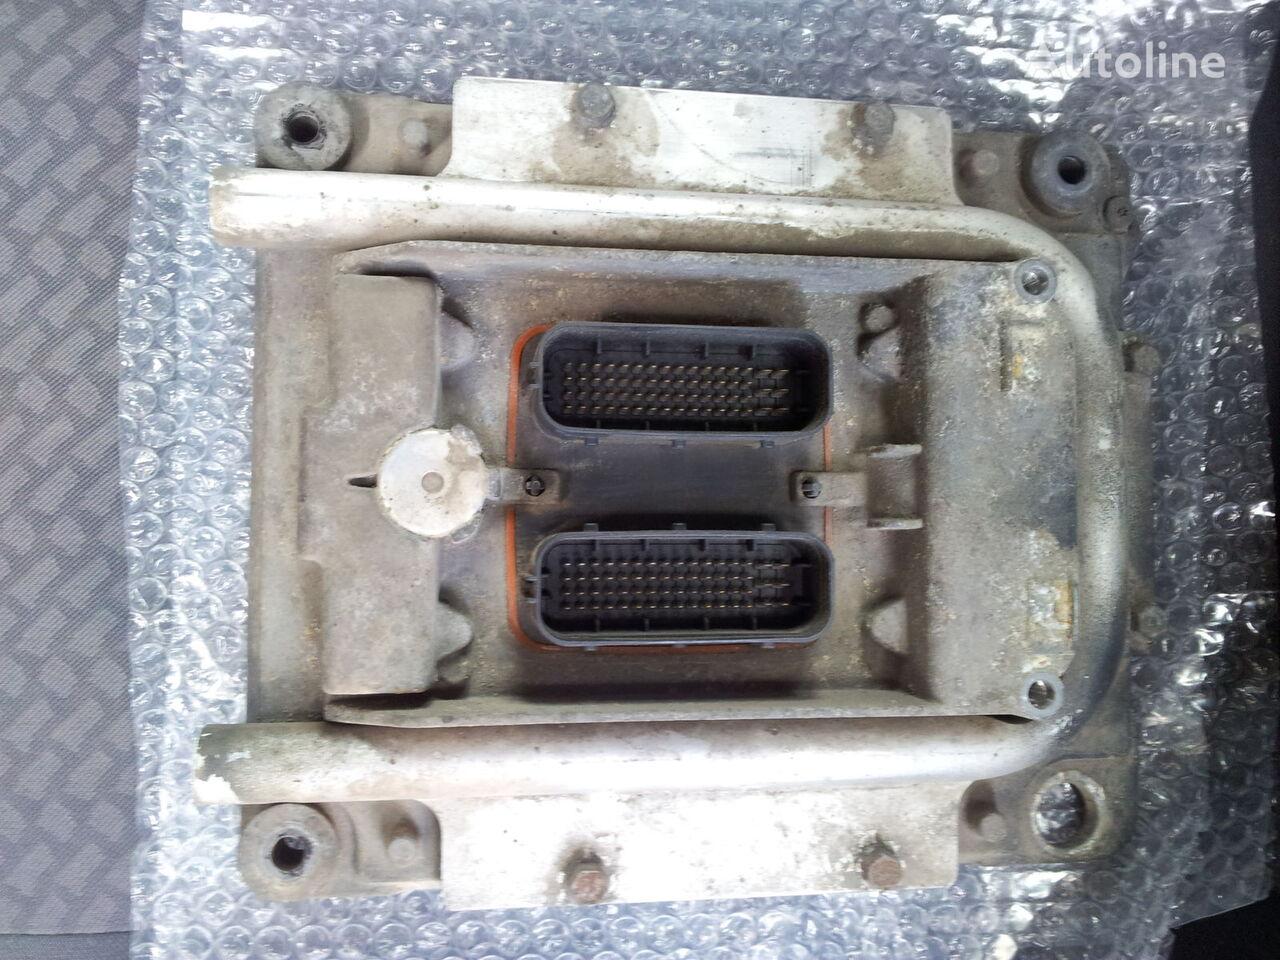 блок управления  Renault ECU control unit, engine control unit, 20814604 P01 для тягача RENAULT Premium DXI